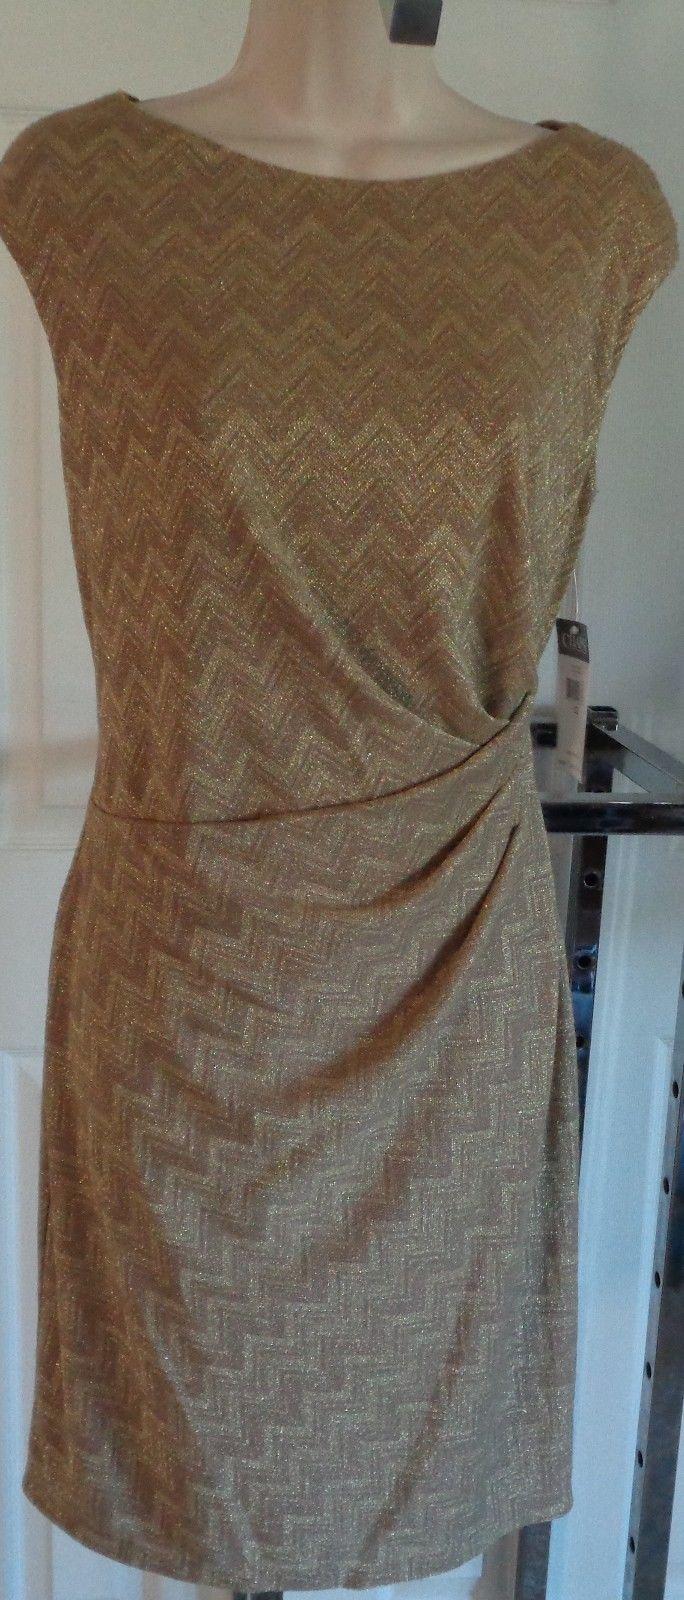 NEW Chaps sheath dress zig zag pattern metallic gold 12